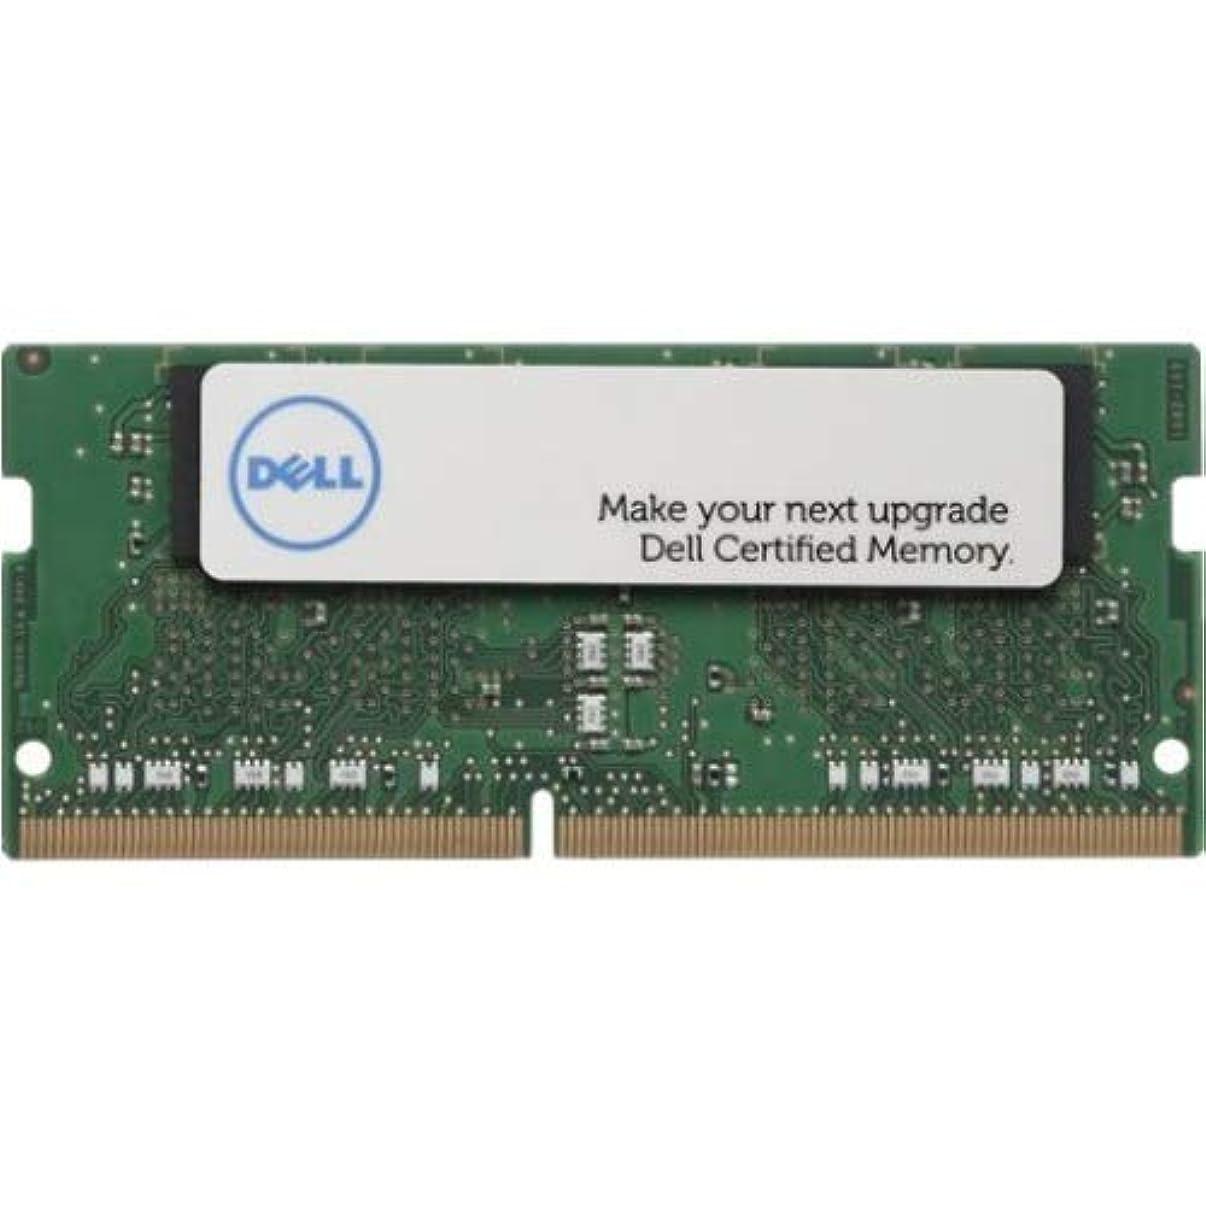 Dell 8GB DDR4 SDRAM Memory Module - 8 GB (1 x 8 GB) - DDR4 SDRAM - 2666 MHz DDR4-2666/PC4-21300 - 1.20 V - Non-ECC - Unbuffered - 260-pin - SoDIMM